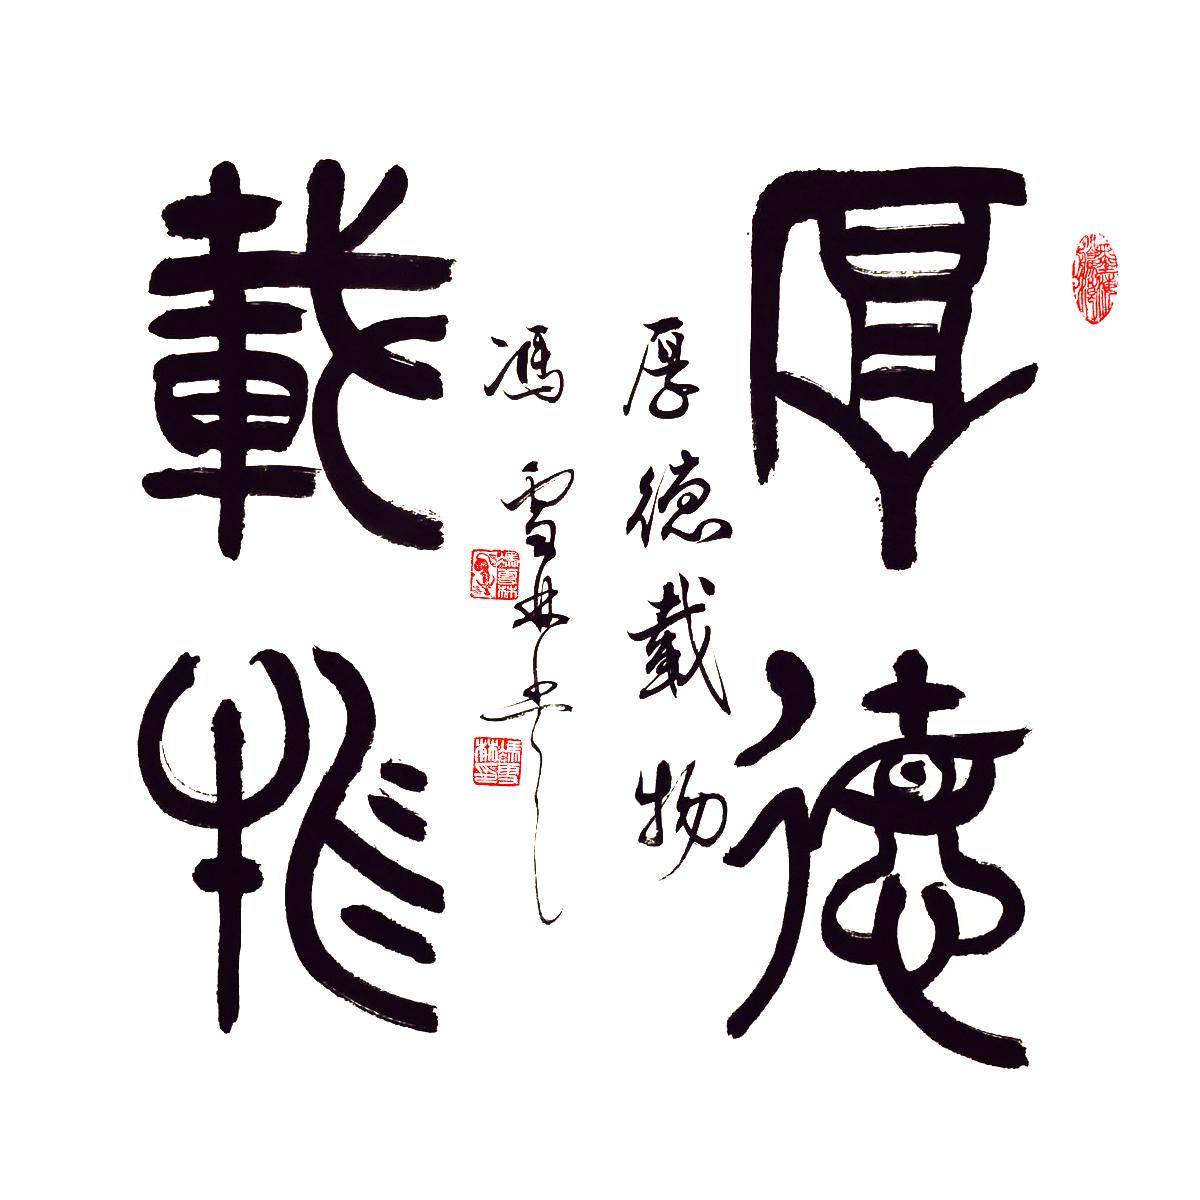 冯雪林书法作品 厚德载物 篆书 斗方